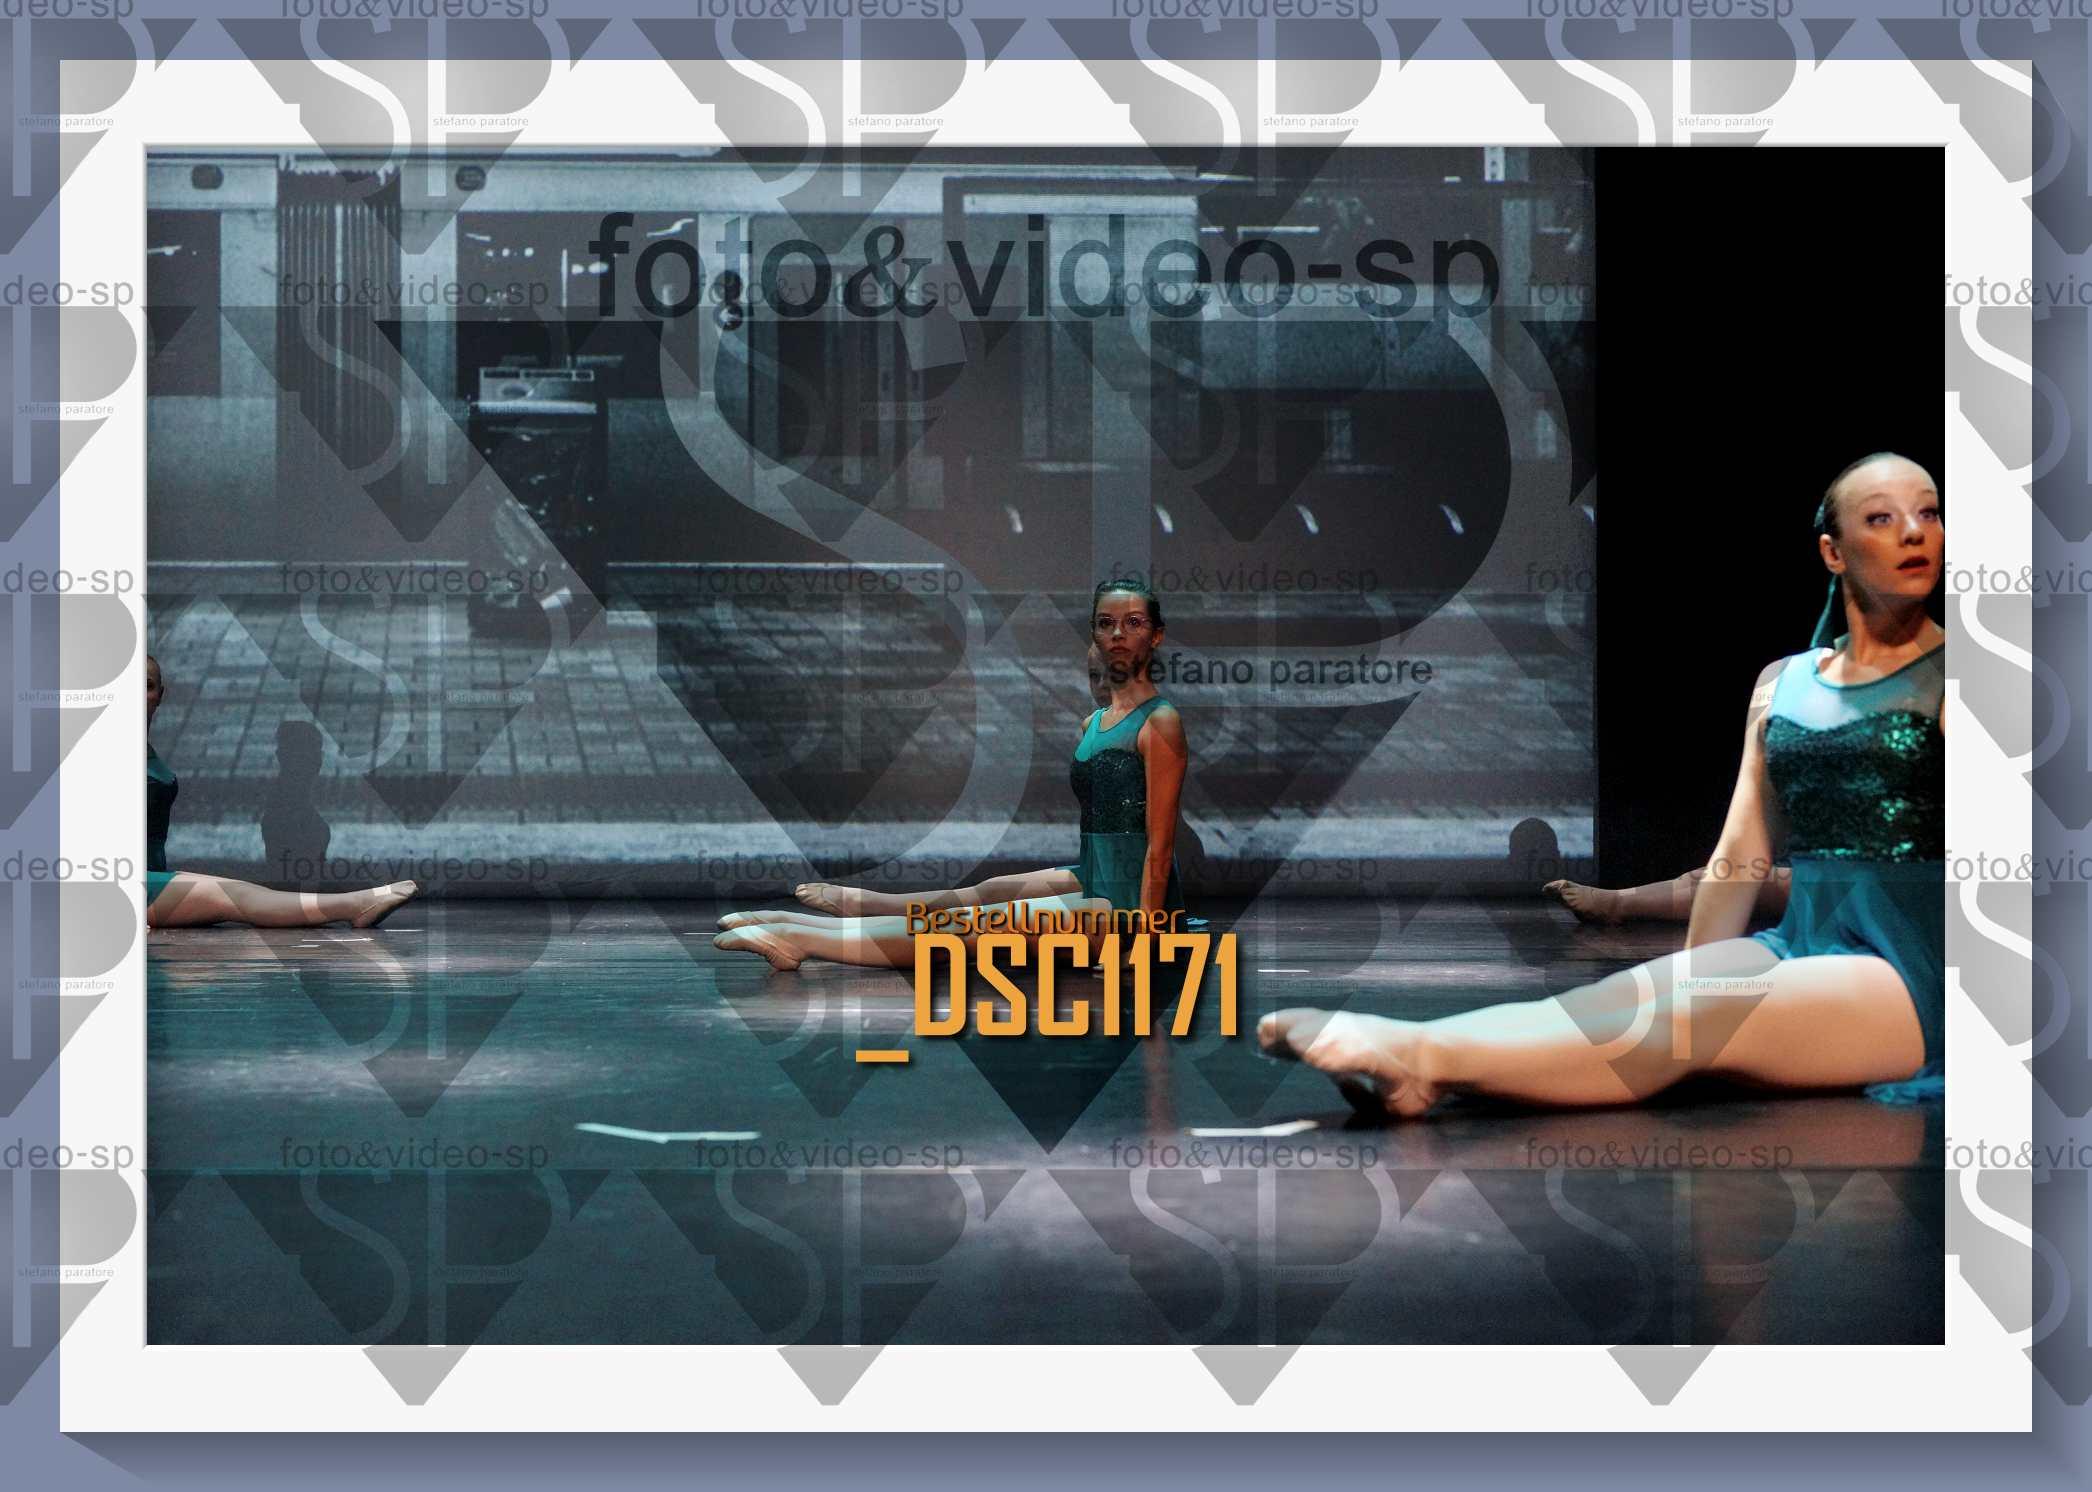 DSC1171